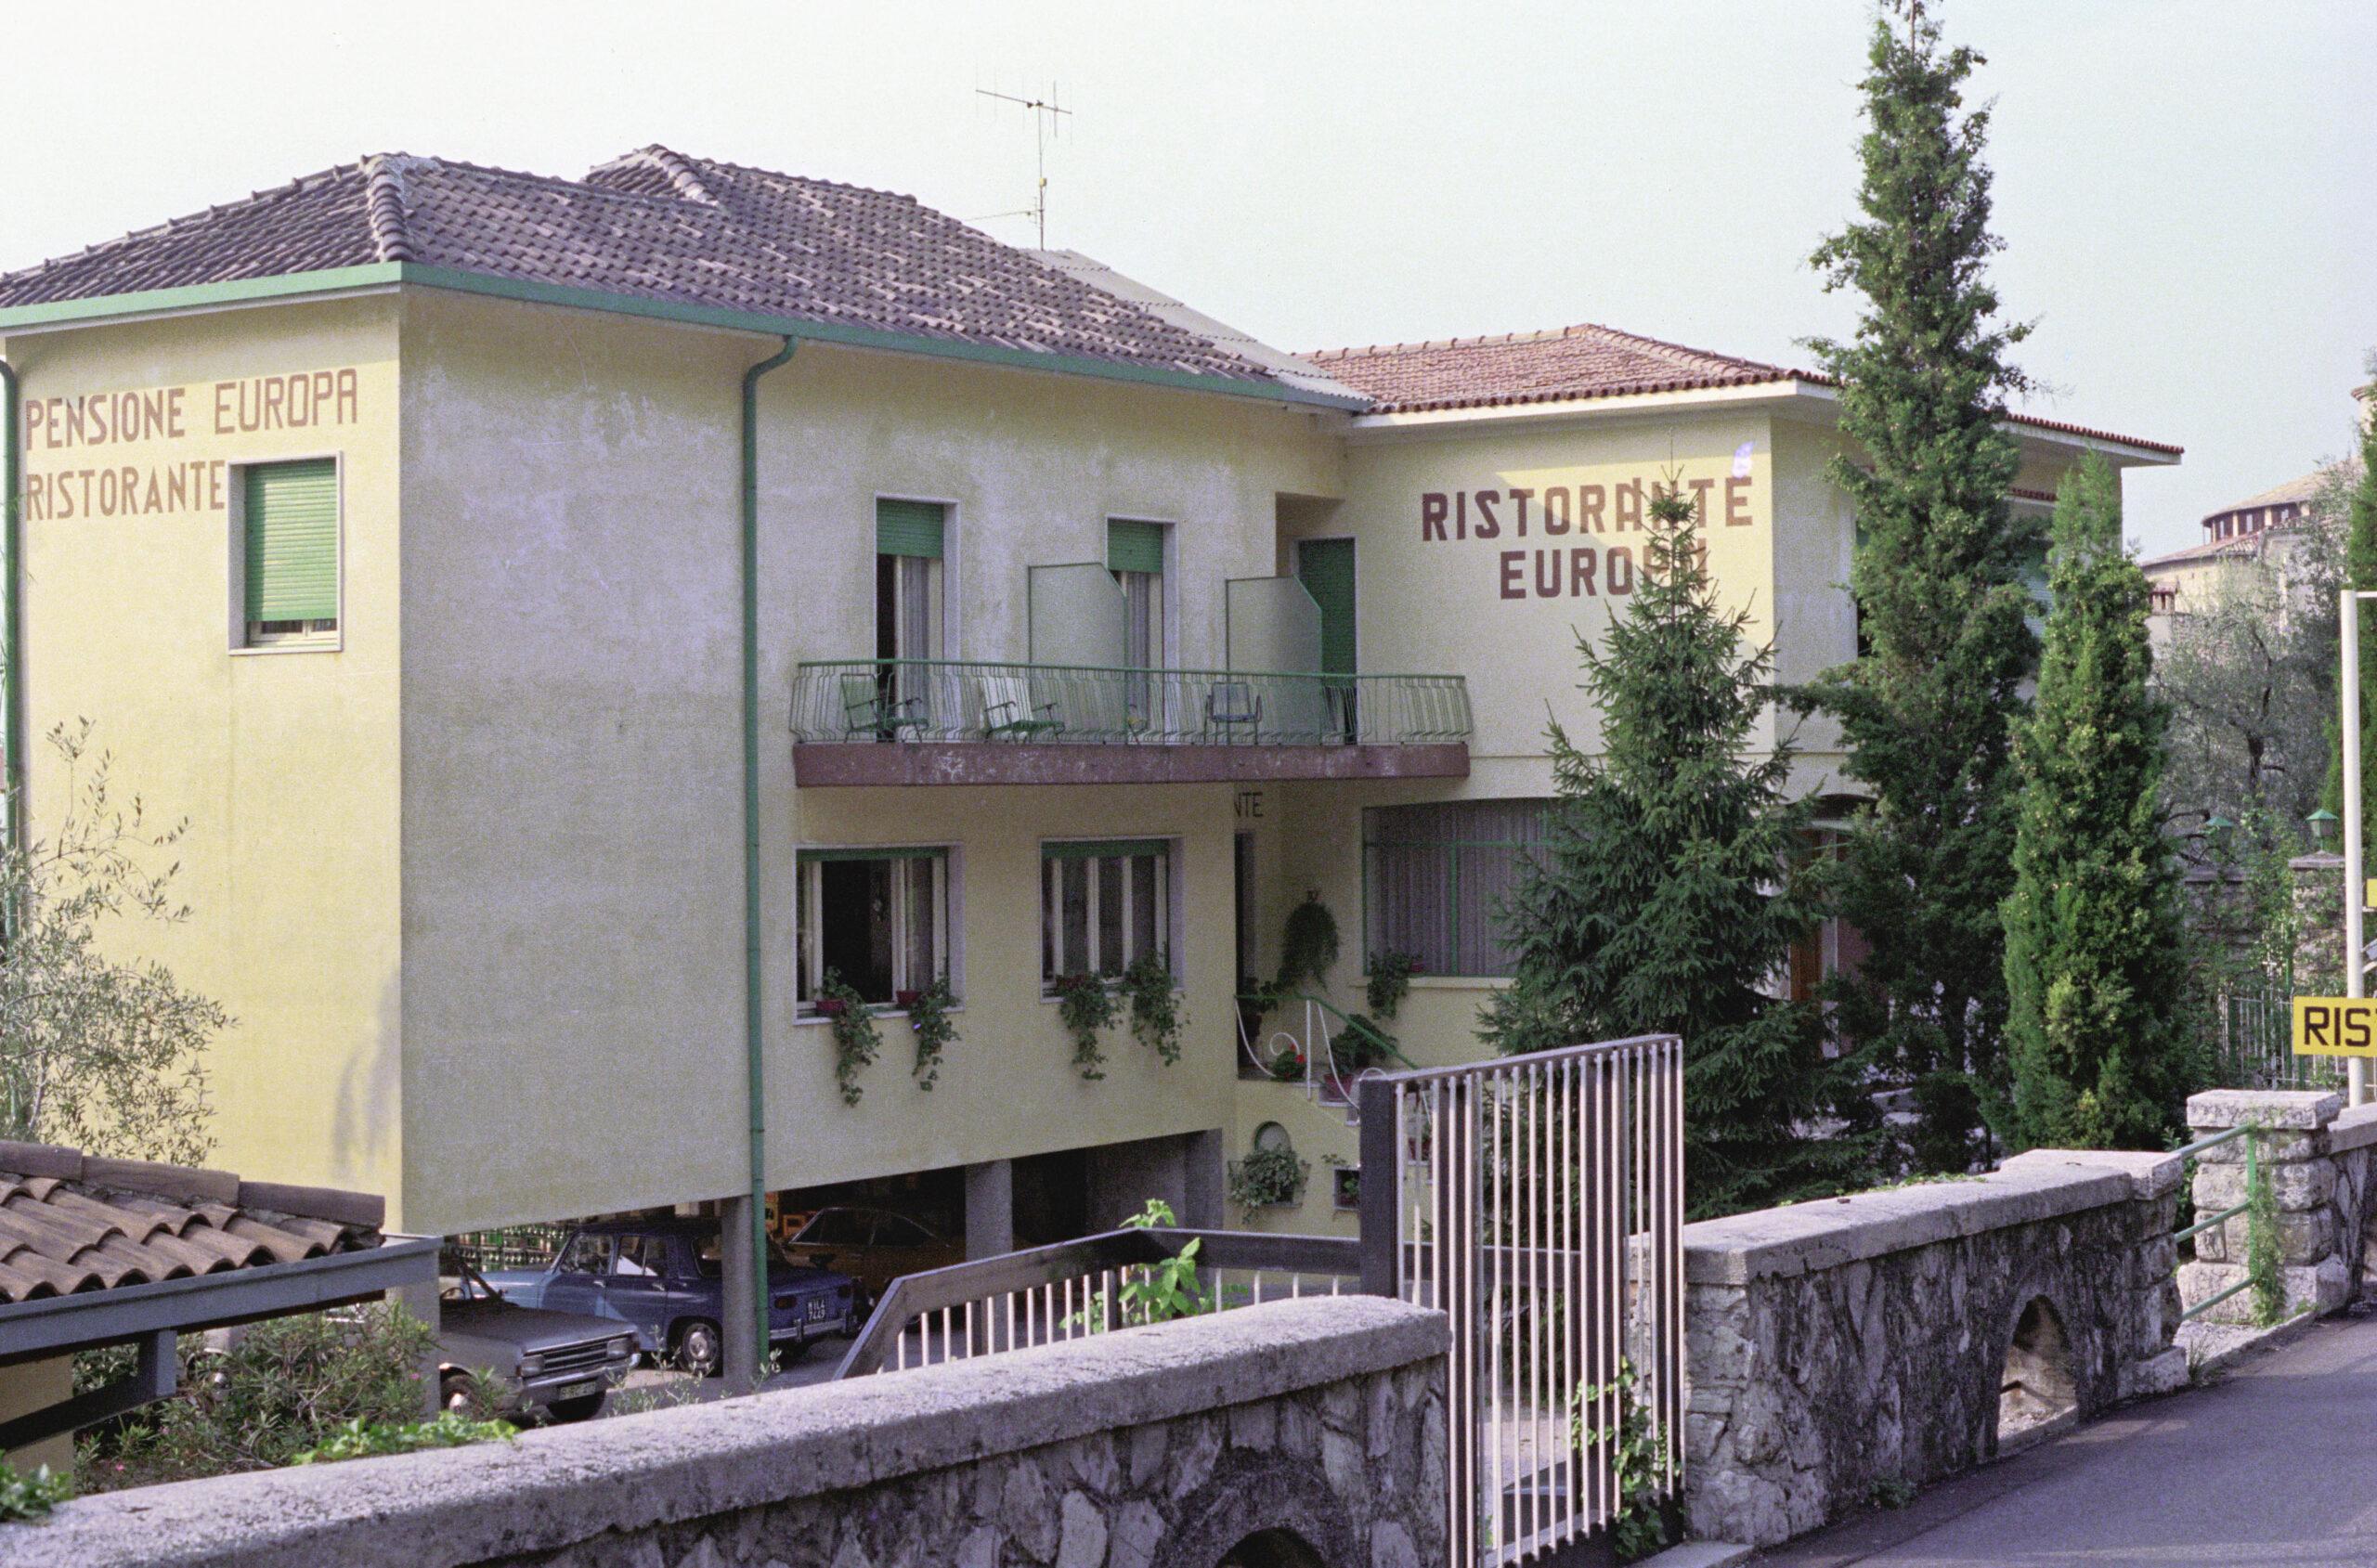 1971 - Beginn der Geschäftsführung der Familie Frassine